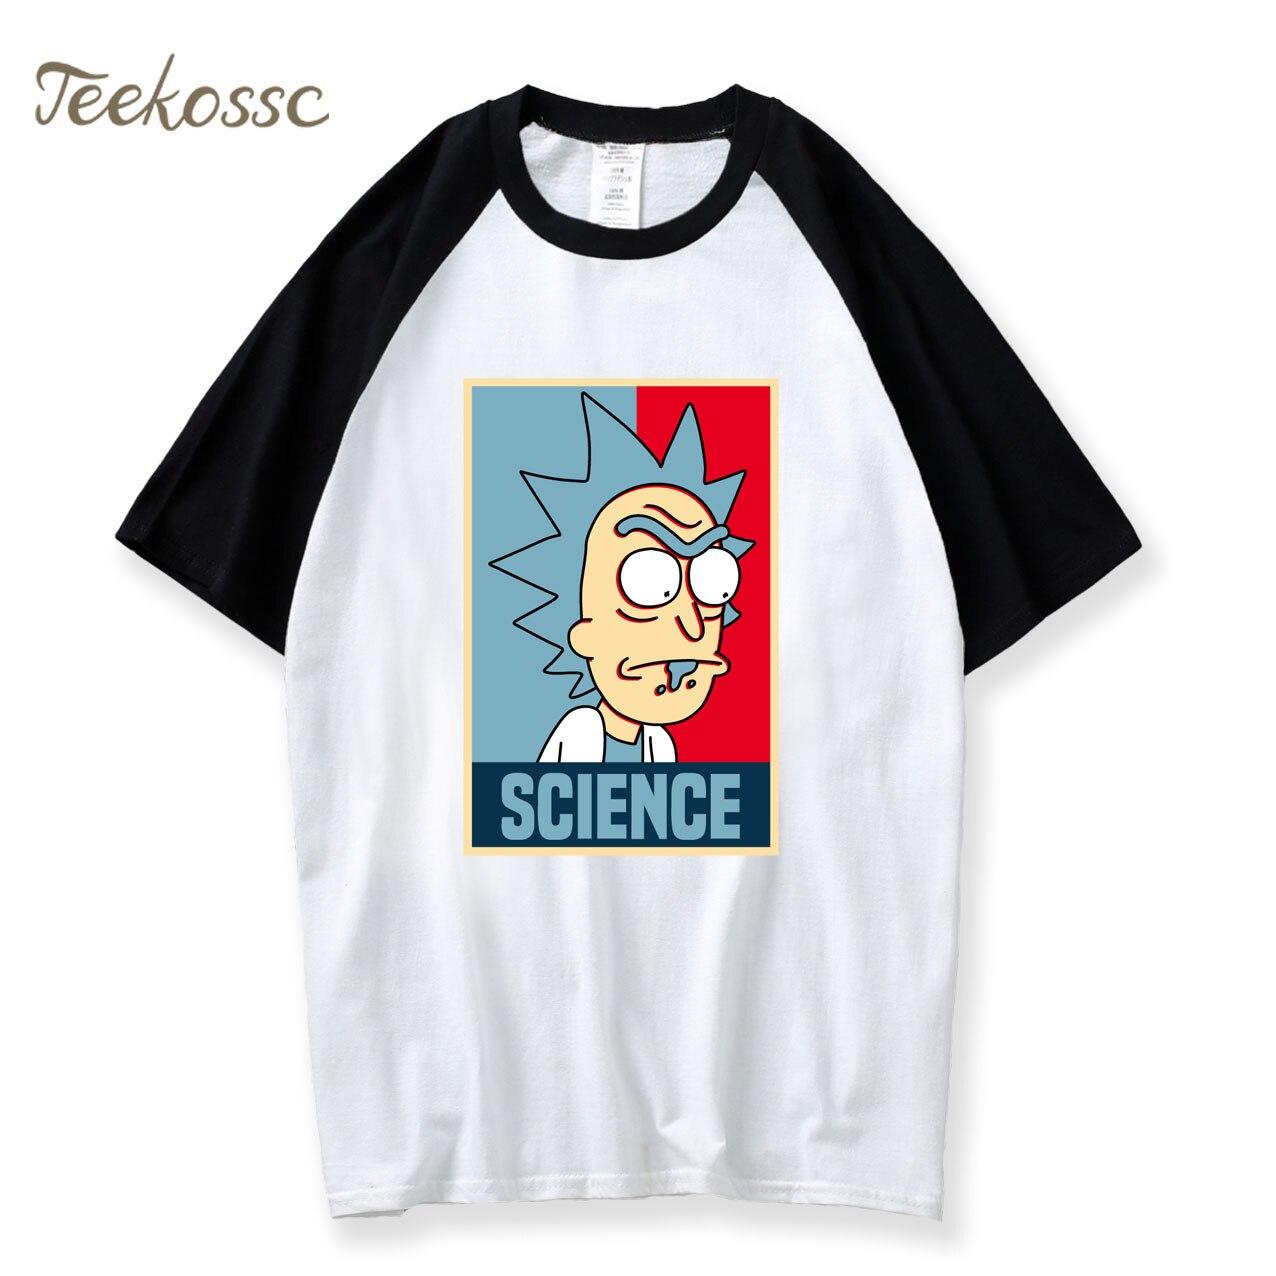 Rick et Morty t-shirt hommes Science Rick Morty drôle t-shirt 2018 été Camisetas Hombre garçon mâle 100% haut en coton dessin animé t-shirts